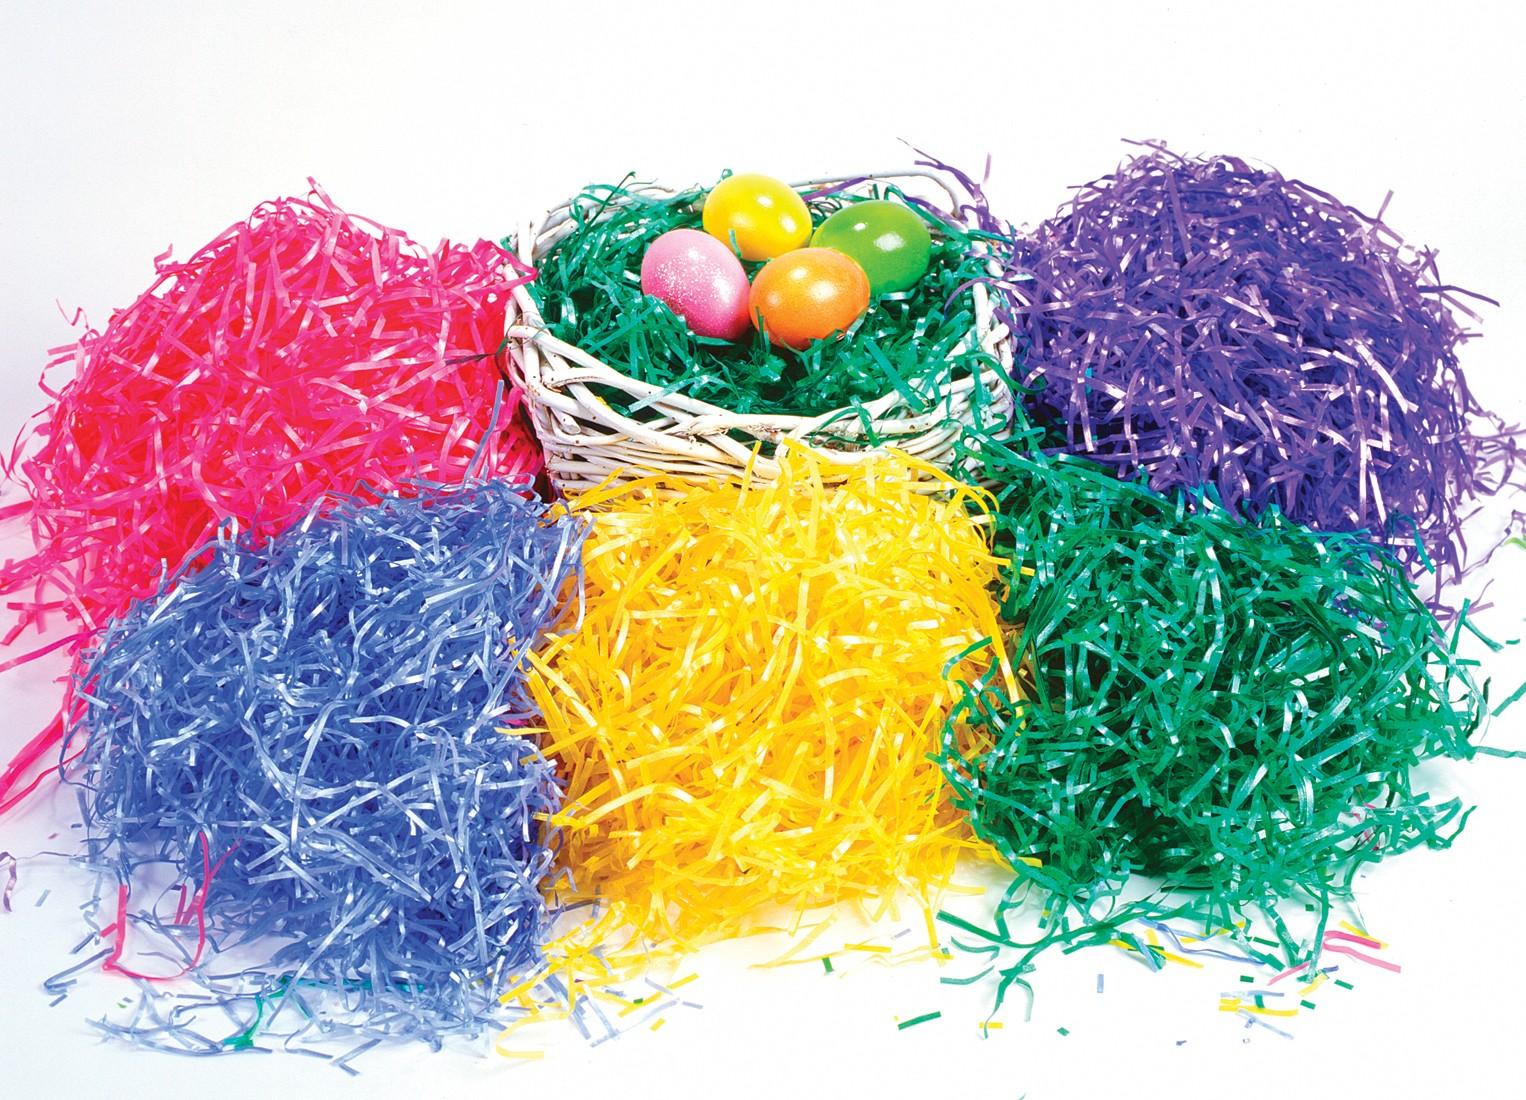 I Really Dislike Easter Grass